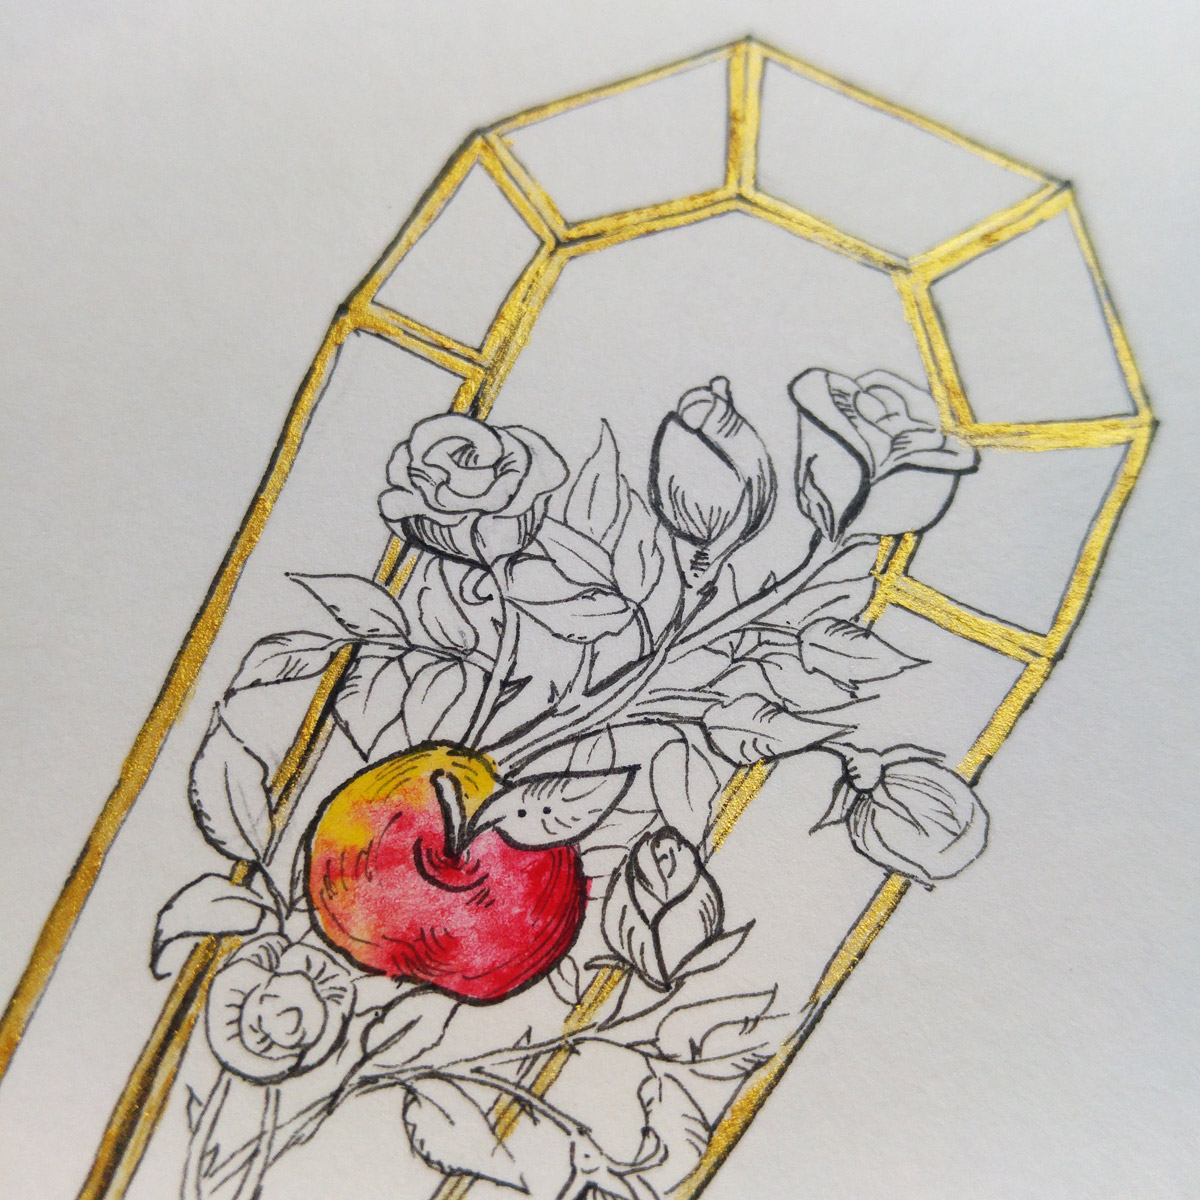 Die sieben Zwerge legten Schneewittchen in einen gläsernen Sarg nachdem sie durch den Biss in den Apfel vergiftet wurde.